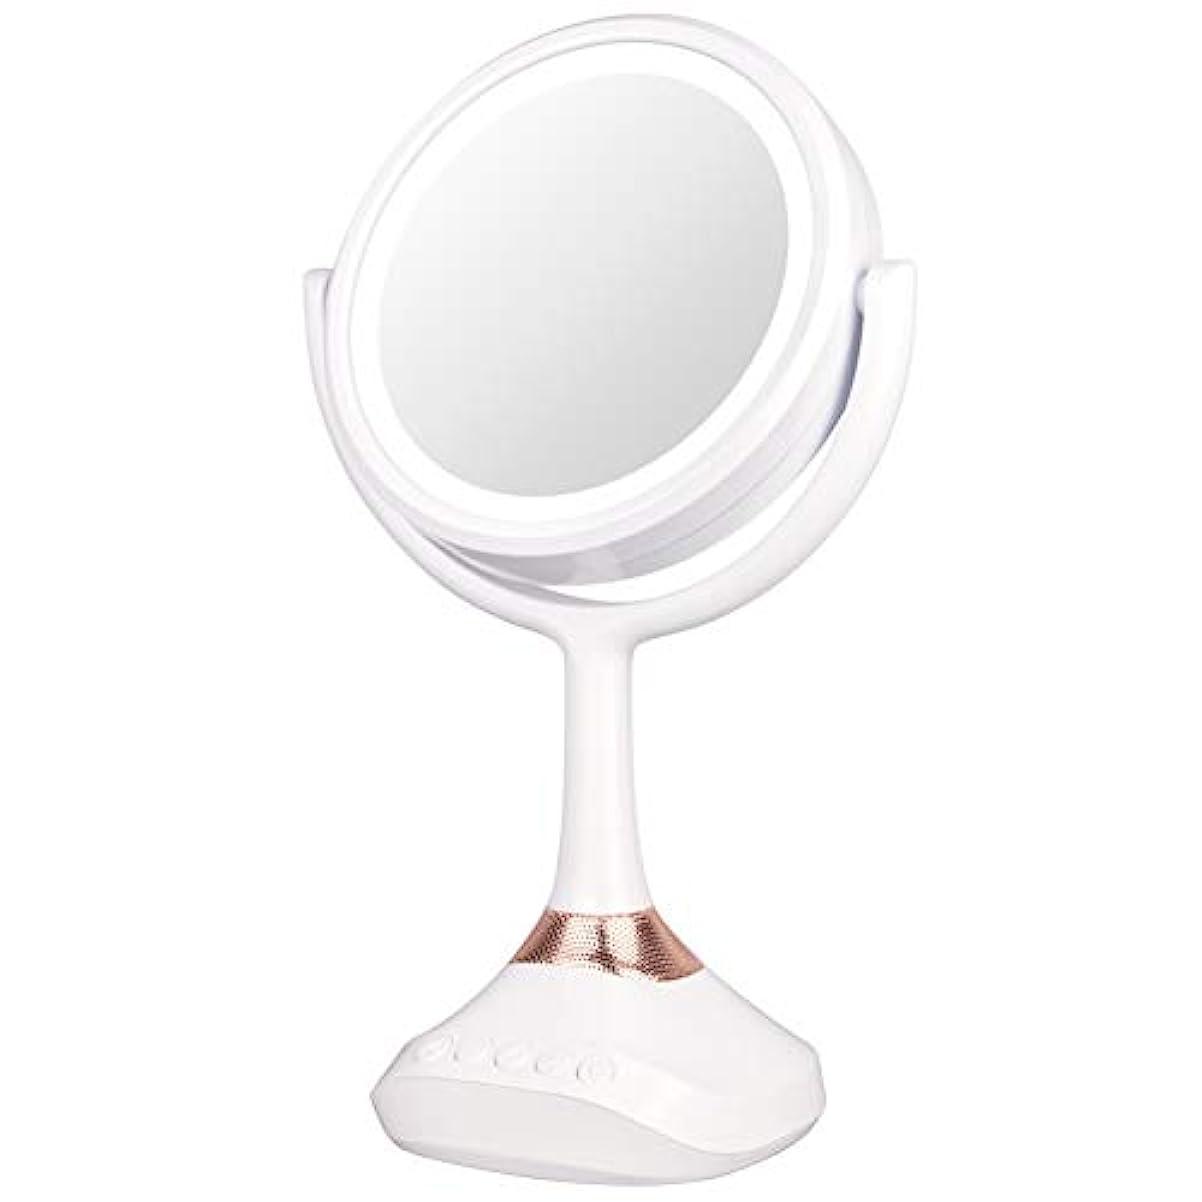 しゃがむ邪魔新鮮なXJZxX ブルートゥースLED音楽ミラー卓上化粧台ミラー付きスピーカー照明付き化粧鏡ライト付き化粧鏡 -美容アクセサリー